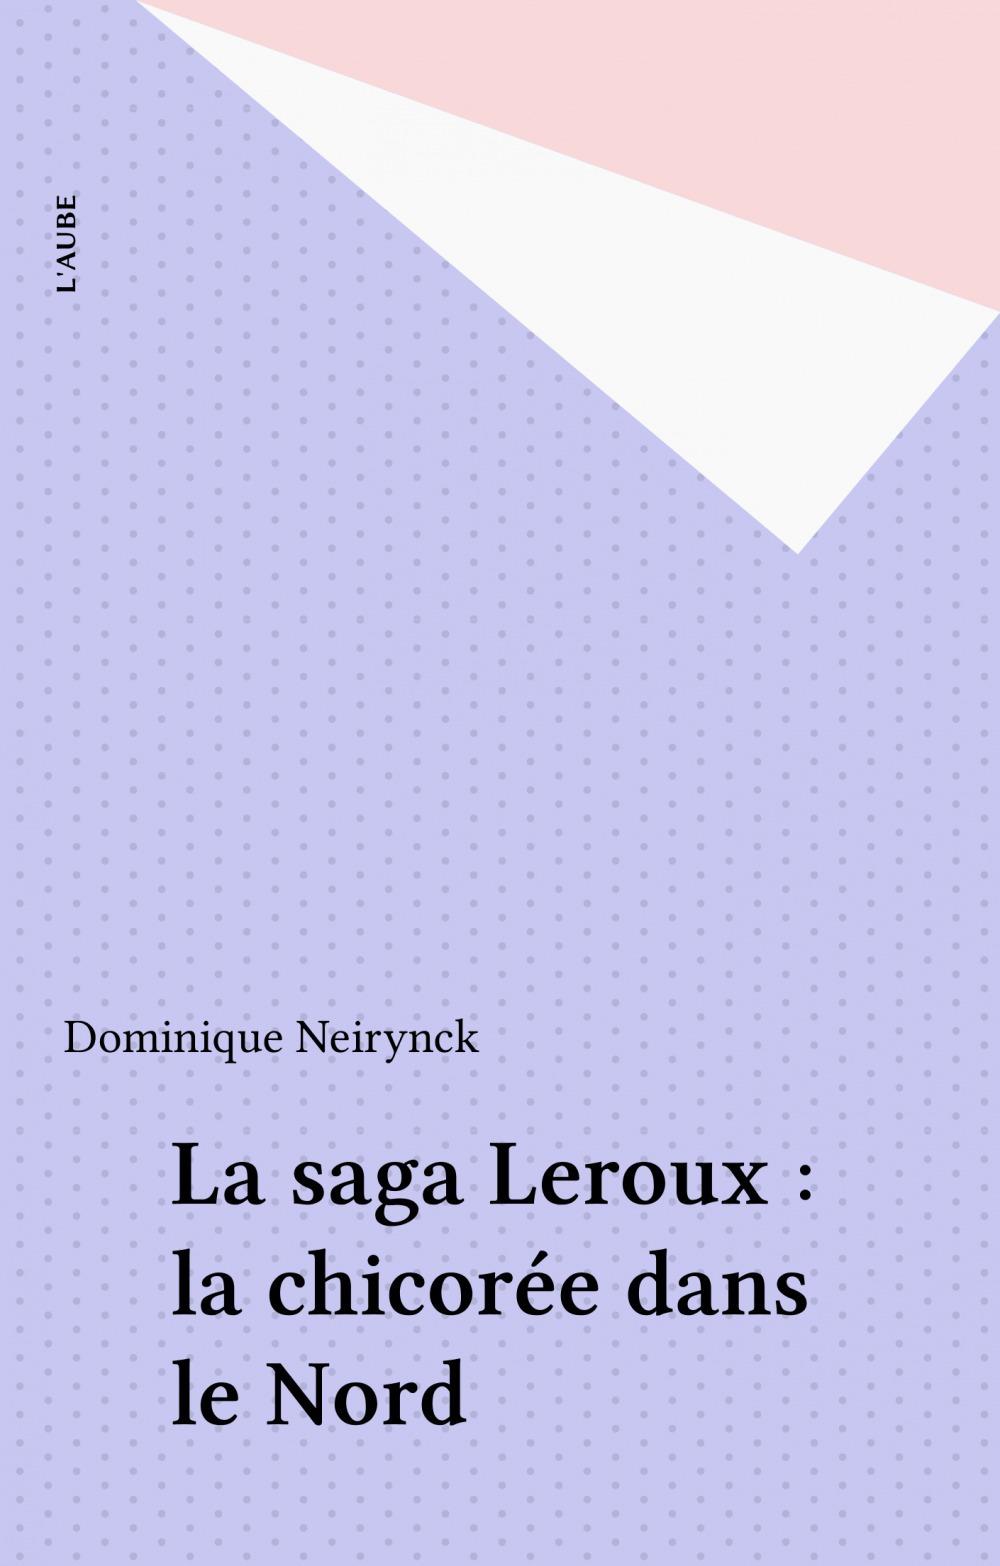 Dominique Neirynck La saga Leroux : la chicorée dans le Nord